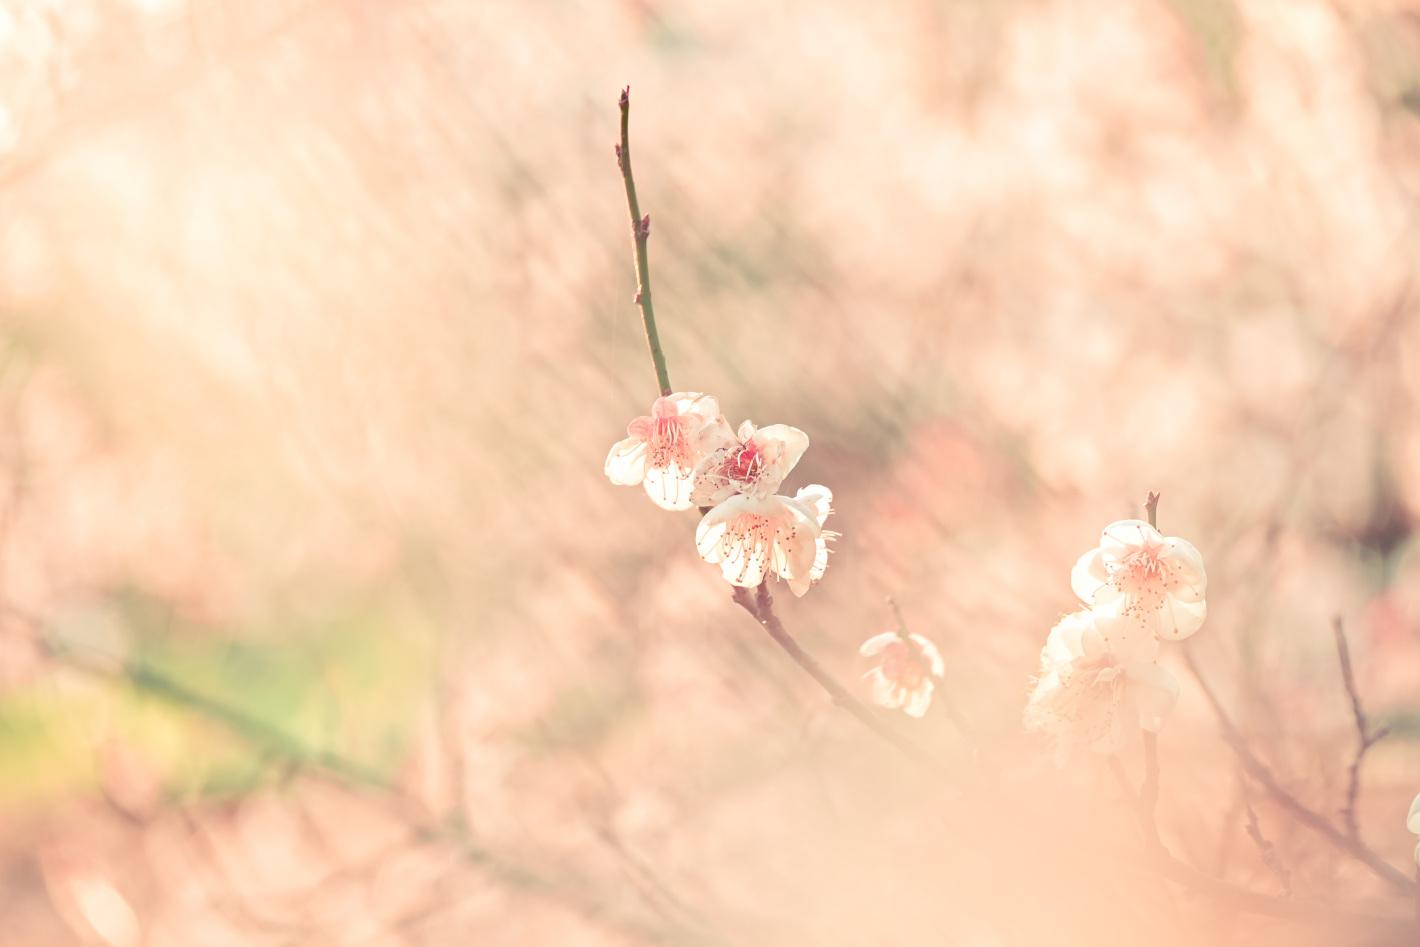 前ボケ×花で春の空気感を表現する – ふんわりとしたボケをつくる基本と撮影のコツ